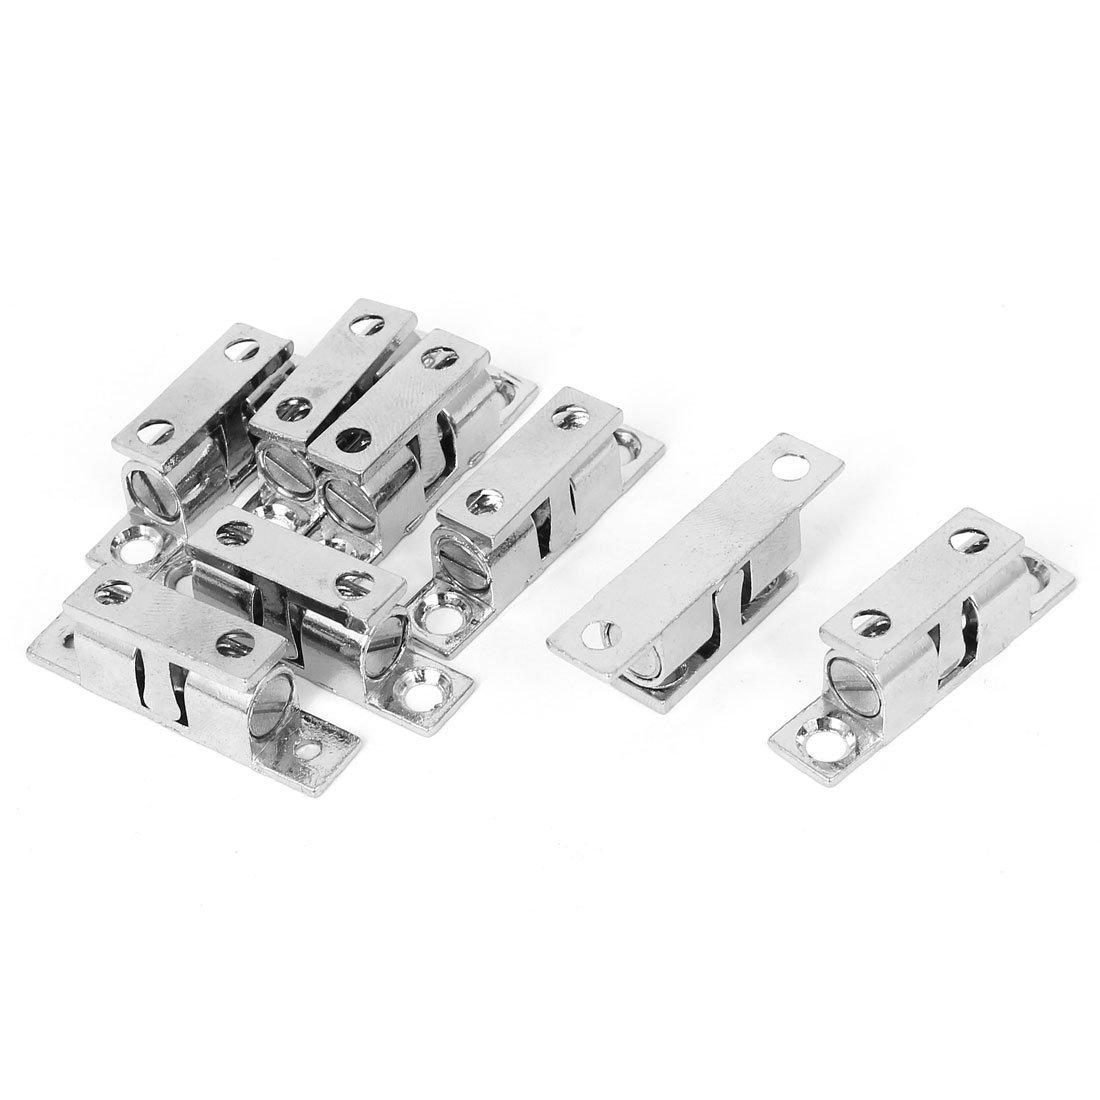 Hard-to-Find Fastener 014973254964 Grade 8 Fine Hex Cap Screws Piece-10 5//8-18 x 5-1//2